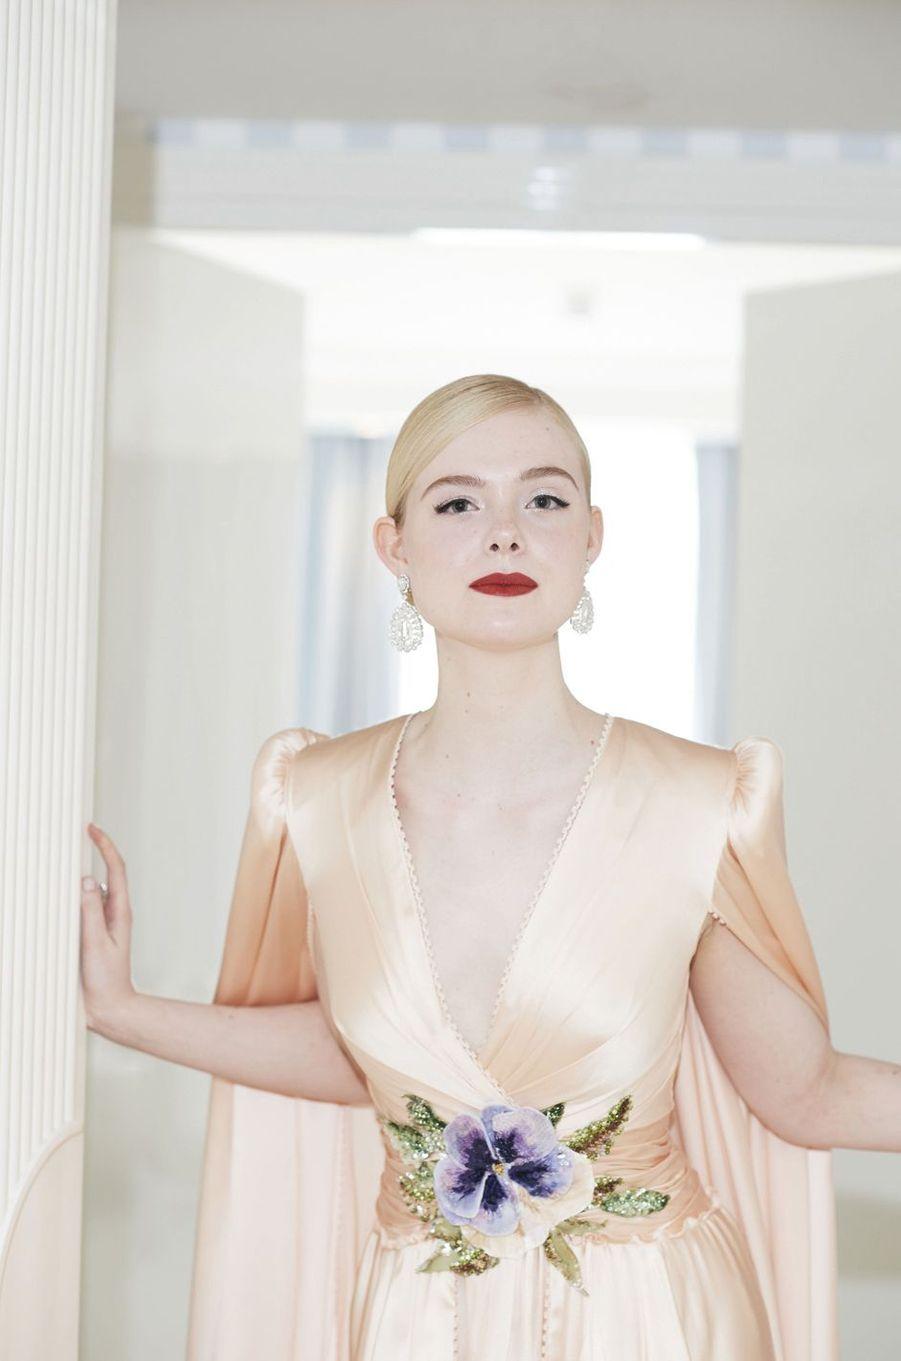 Dans une suite de l'hôtel Martinez. Elle Fanning, membre du jury, en princesse Aurore dans une robe Gucci qui semble avoir été créée pour mettre en valeur les précieux bijoux Chopard.